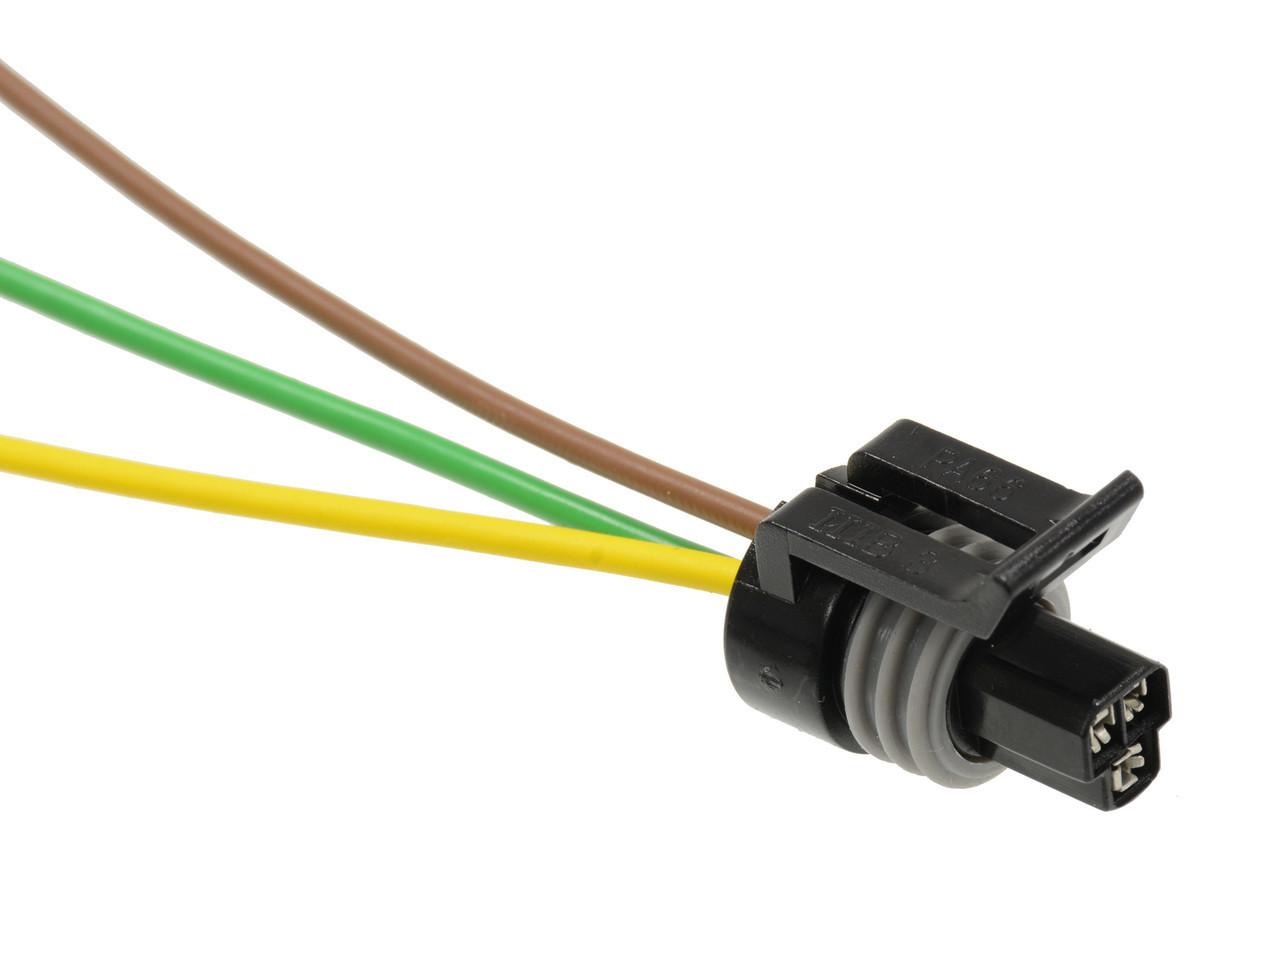 ls1 coolant temperature temp sensor connector harness 3 wire fits gm gm coolant temp sensor wiring gm coolant temp sensor wiring [ 1280 x 960 Pixel ]